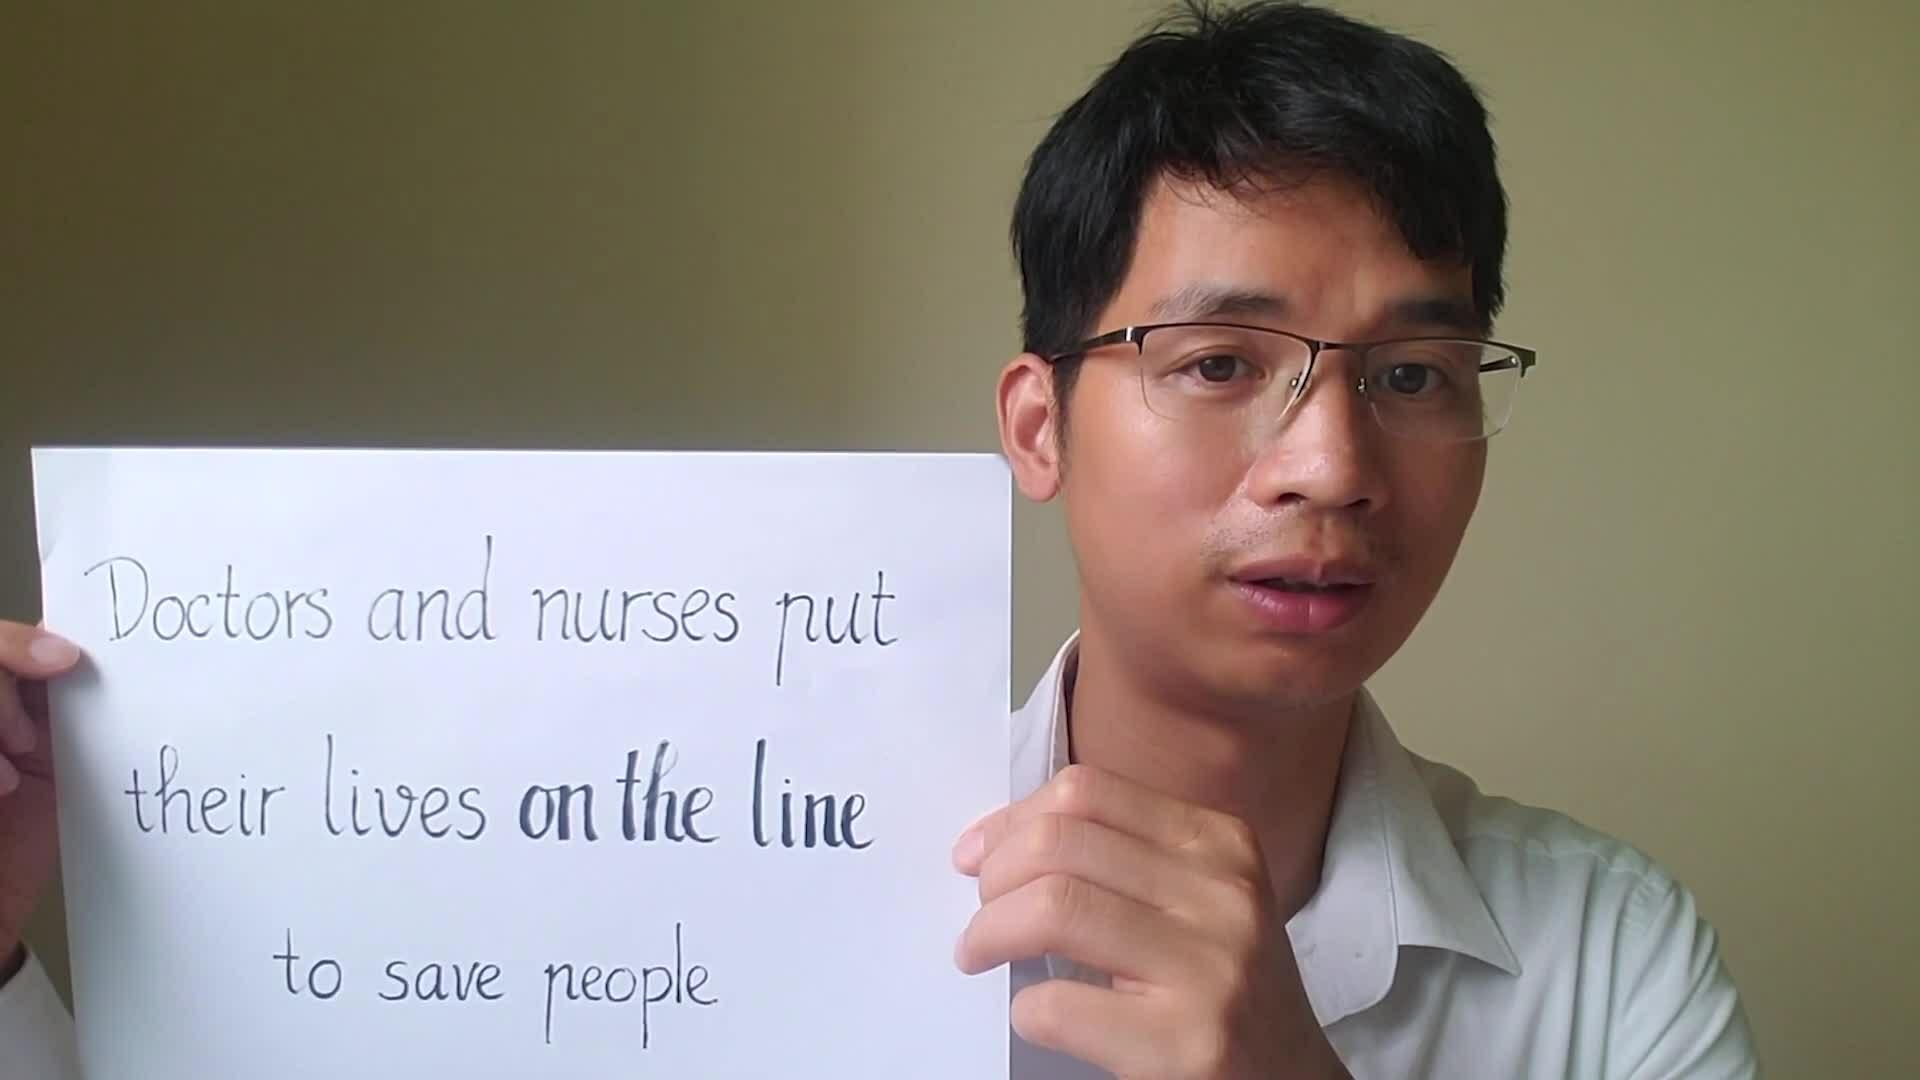 Cách diễn đạt 'on the line'